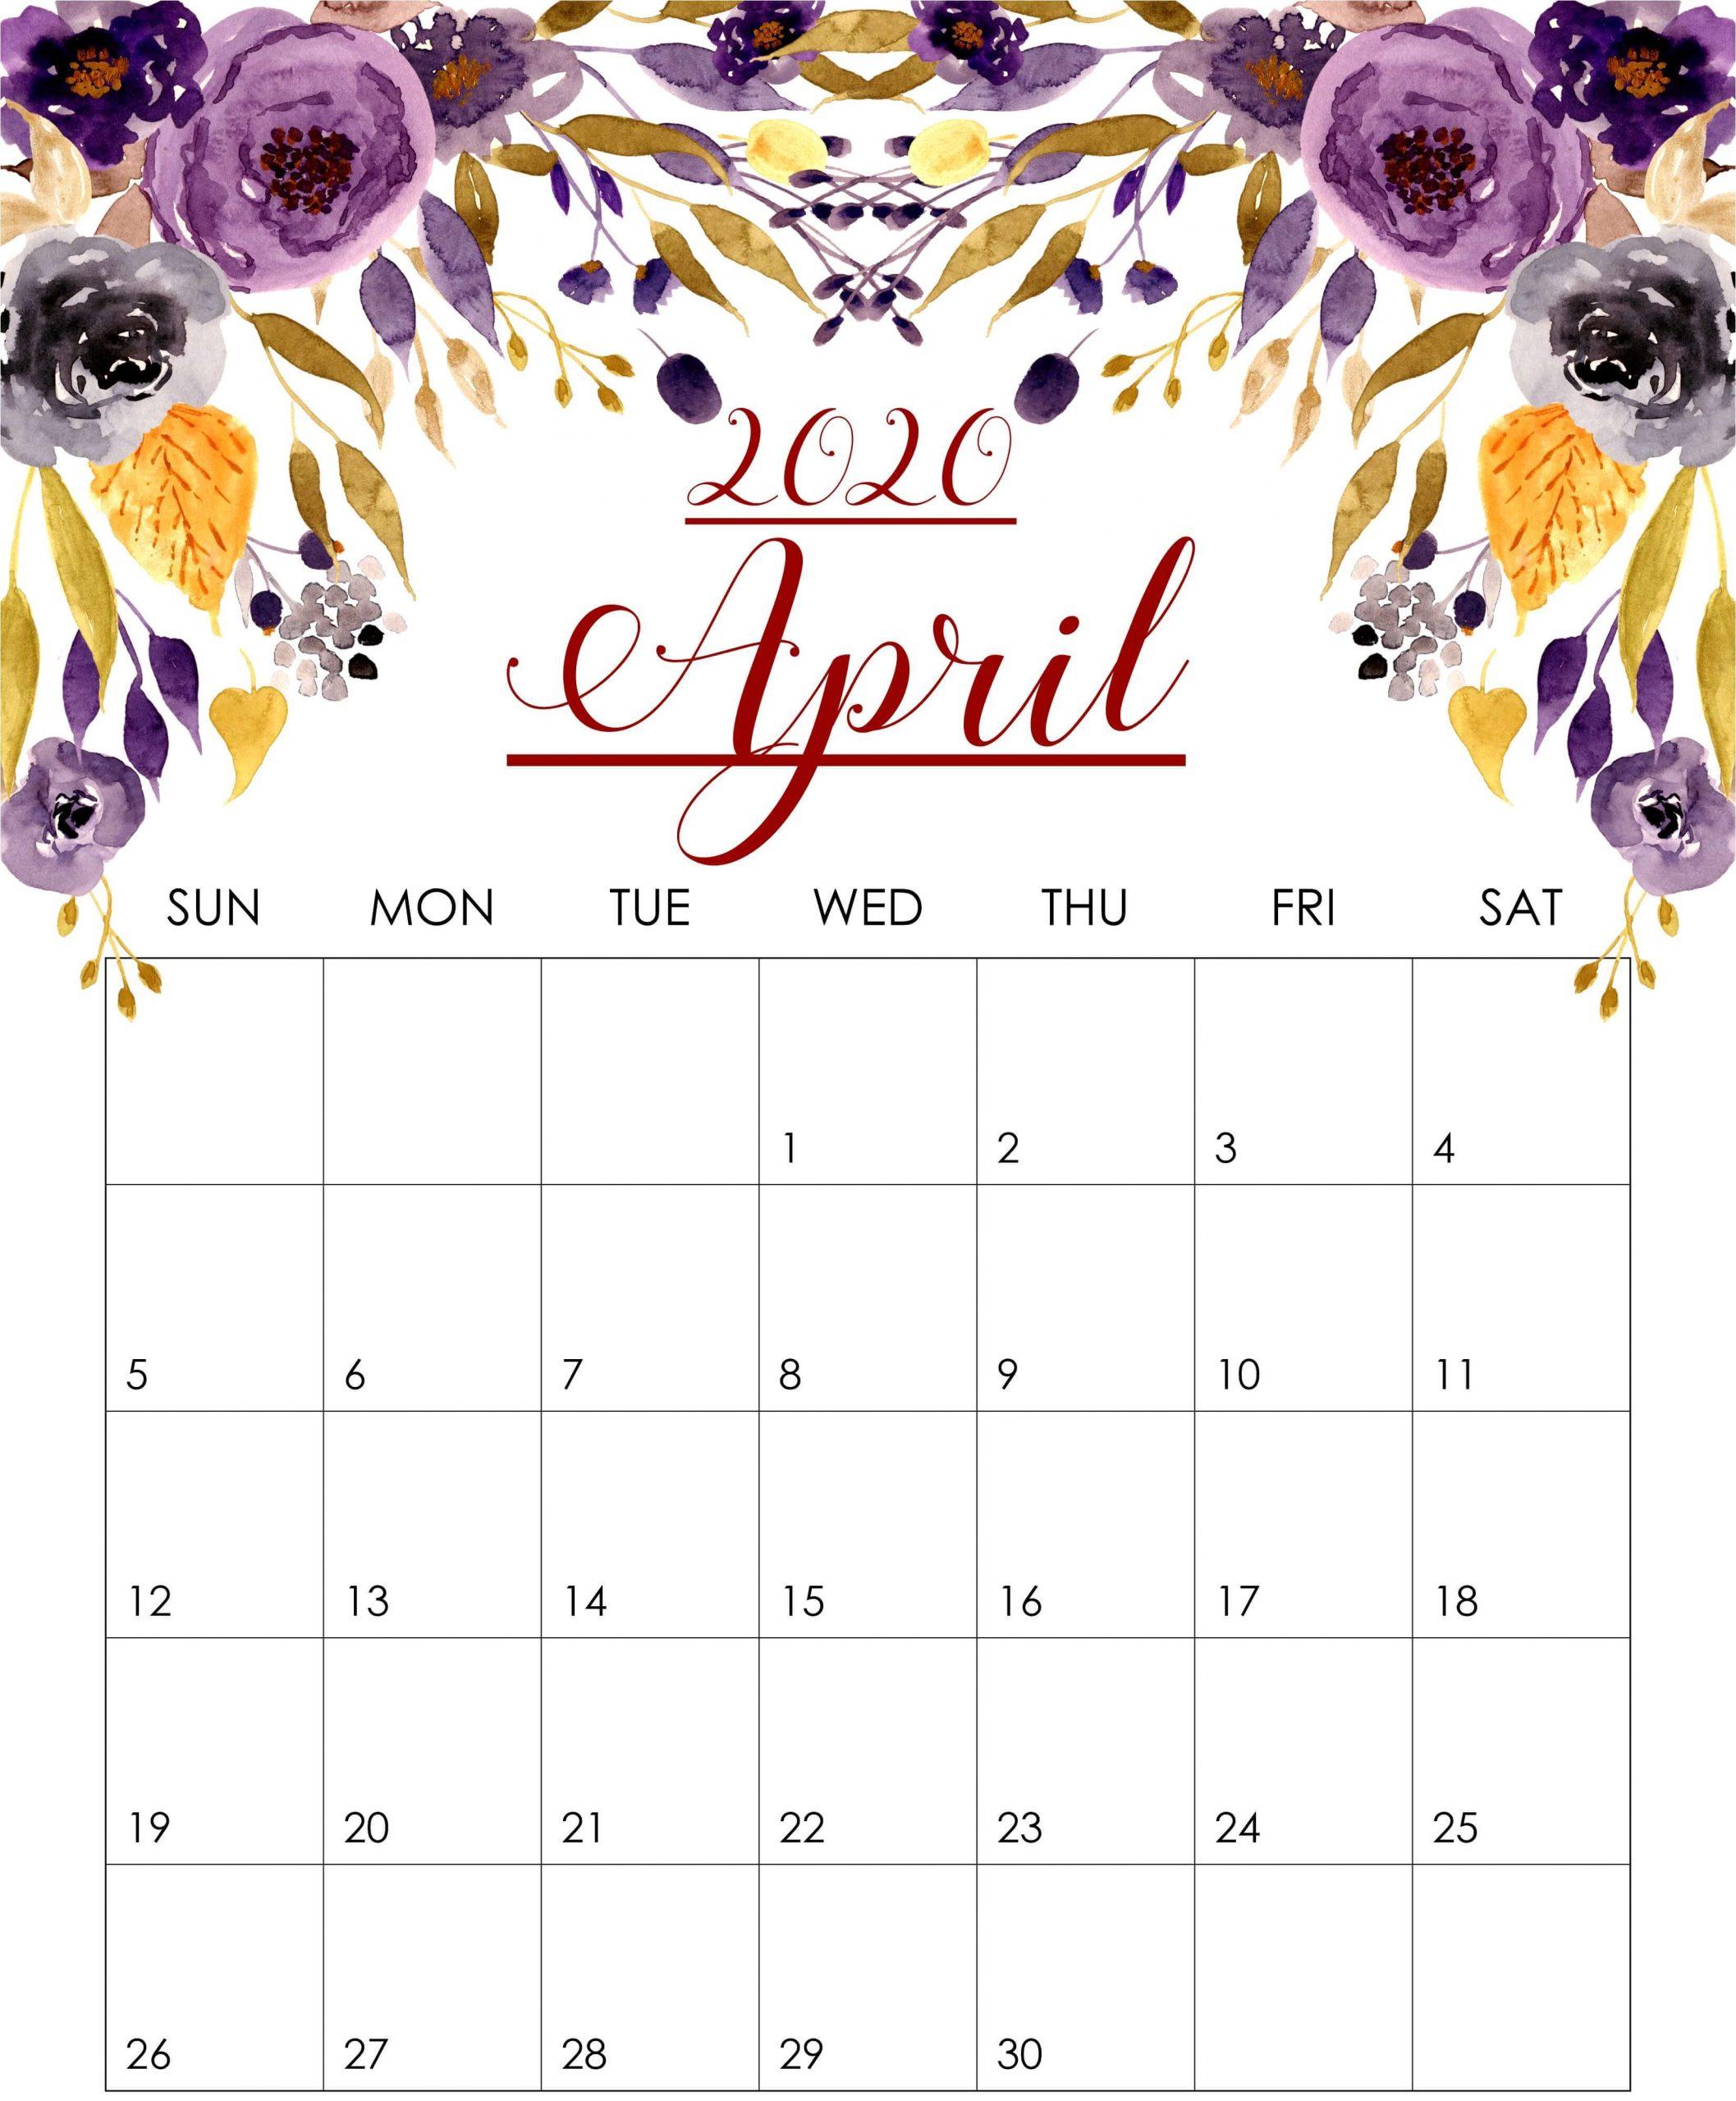 Floral April 2020 Wall Calendar